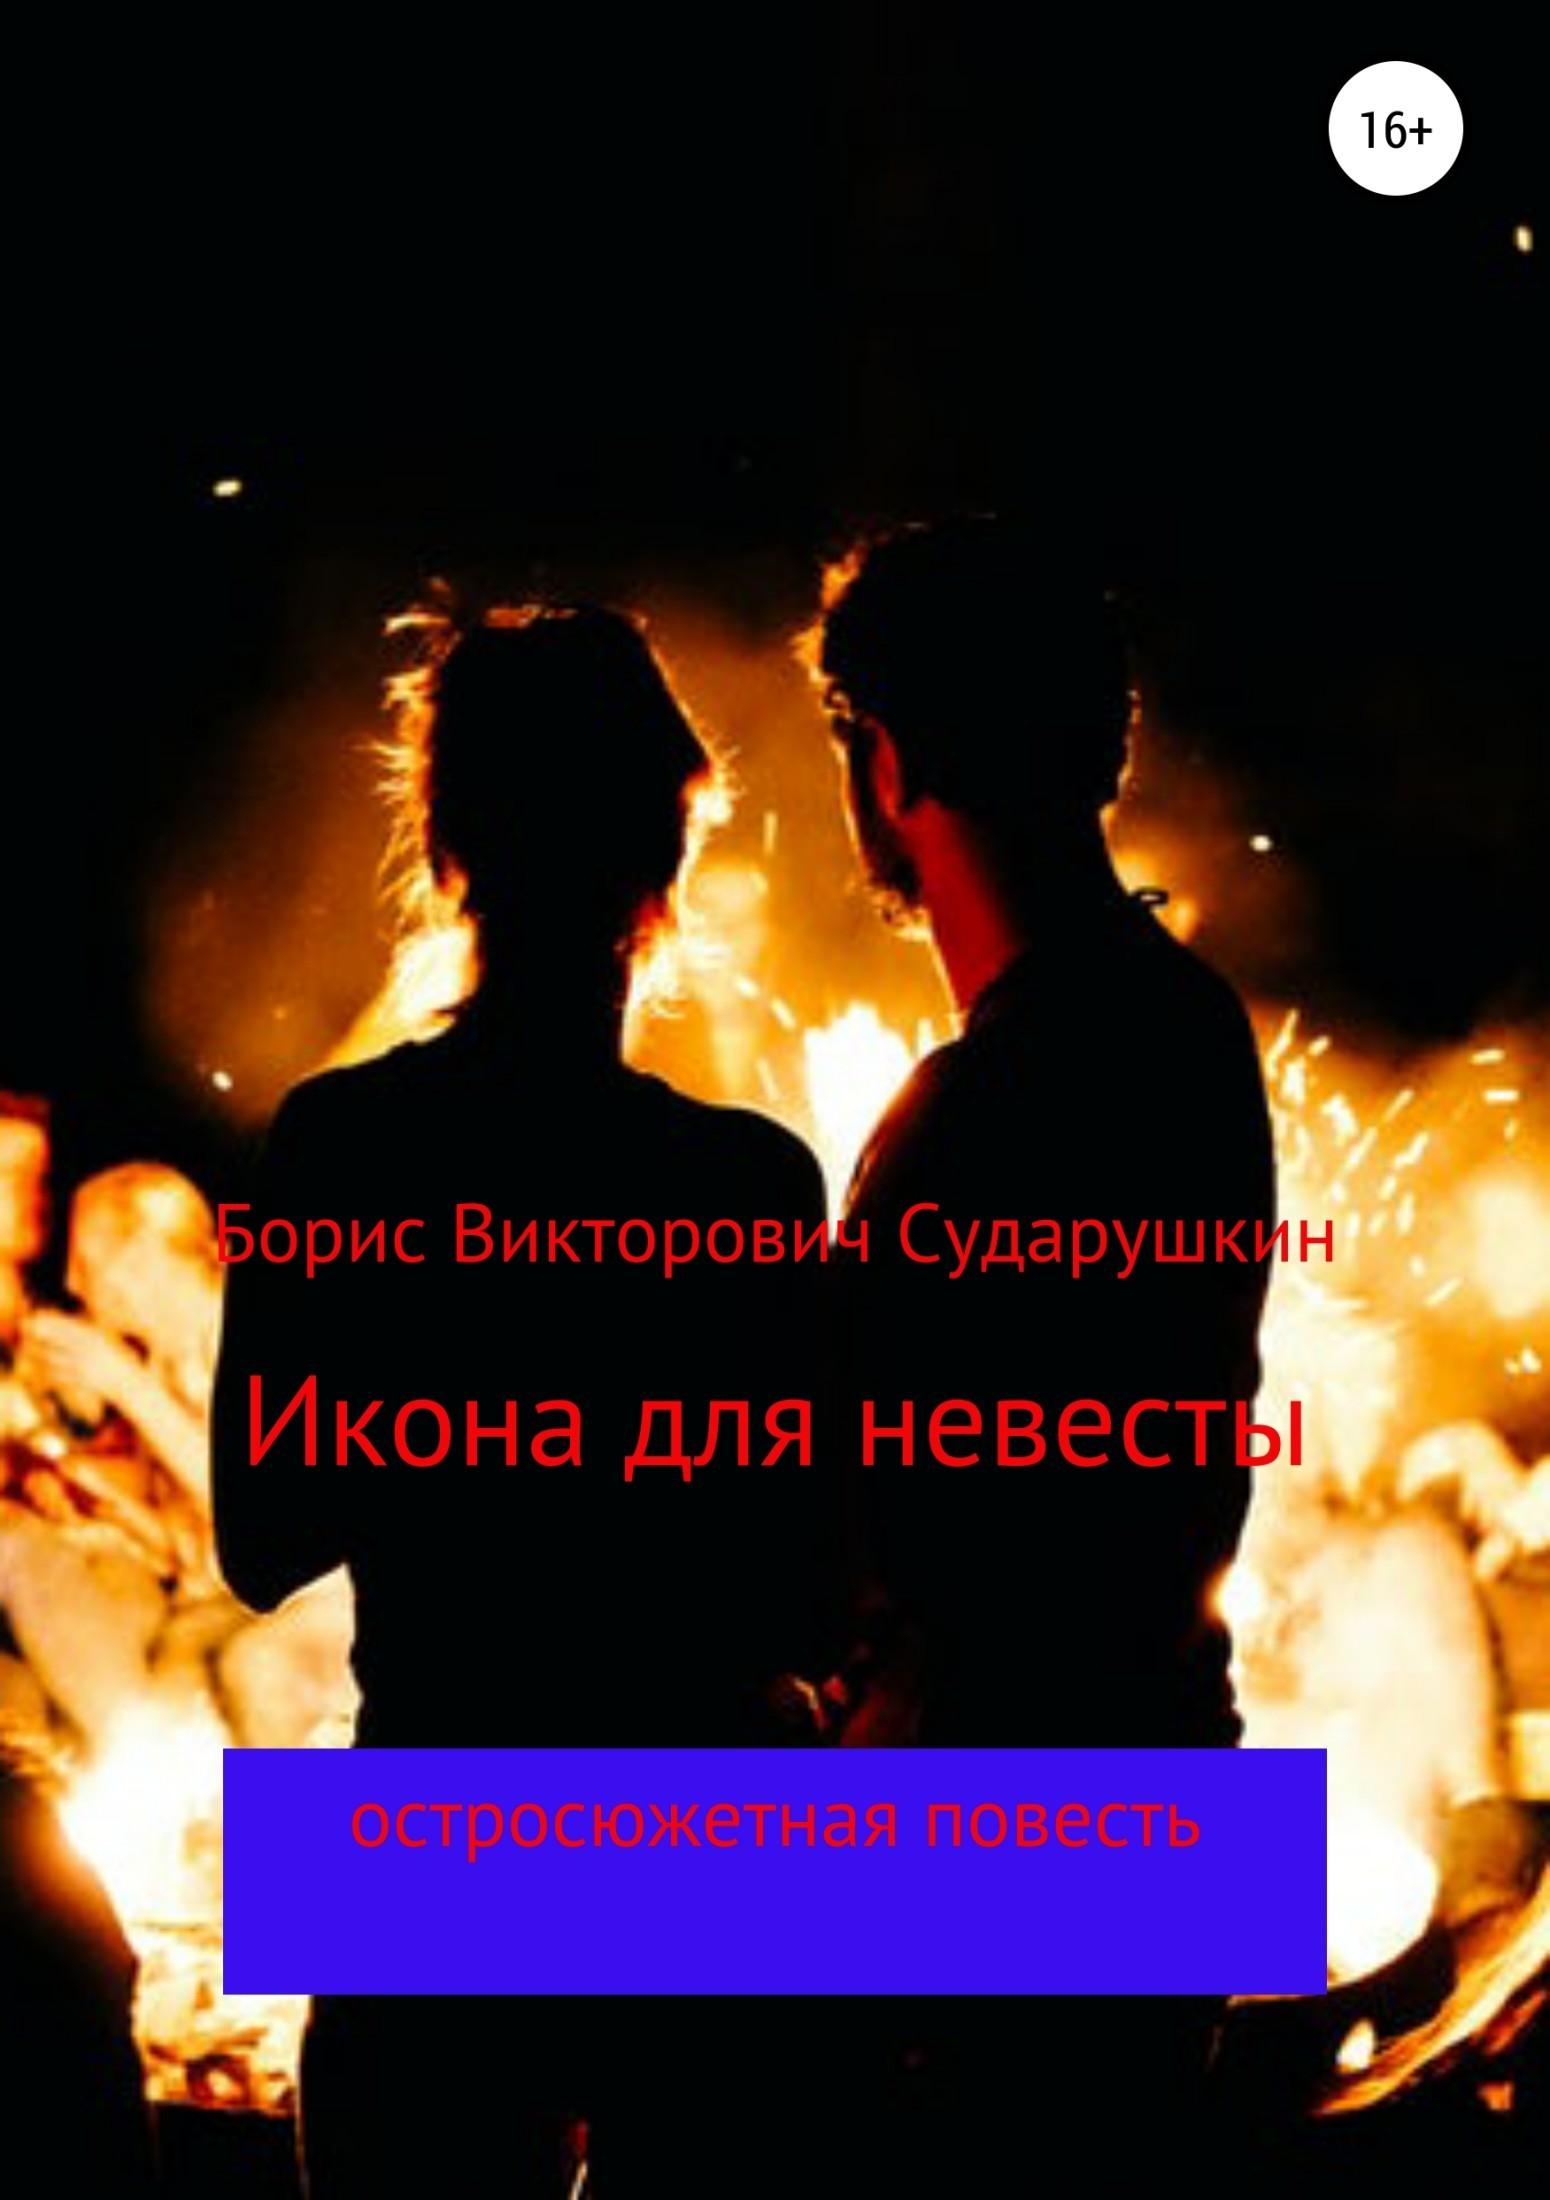 Борис Викторович Сударушкин Икона для невесты цена